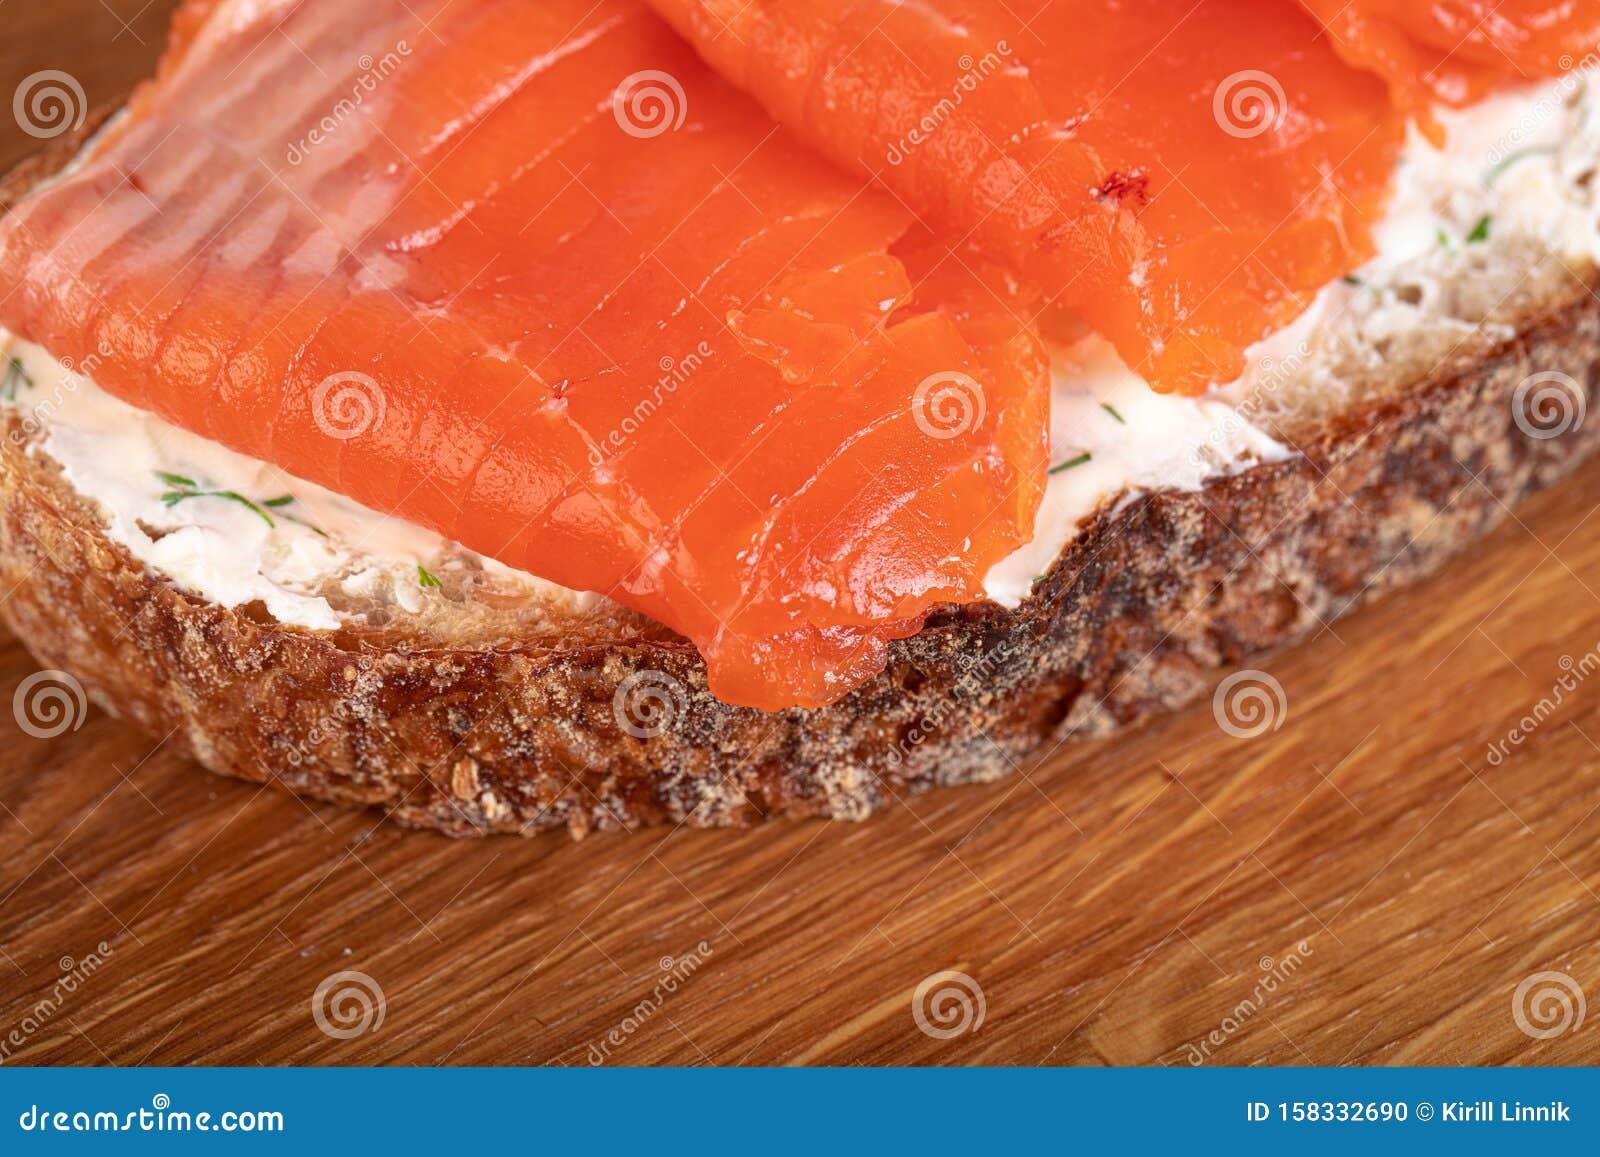 Salmom sandwich